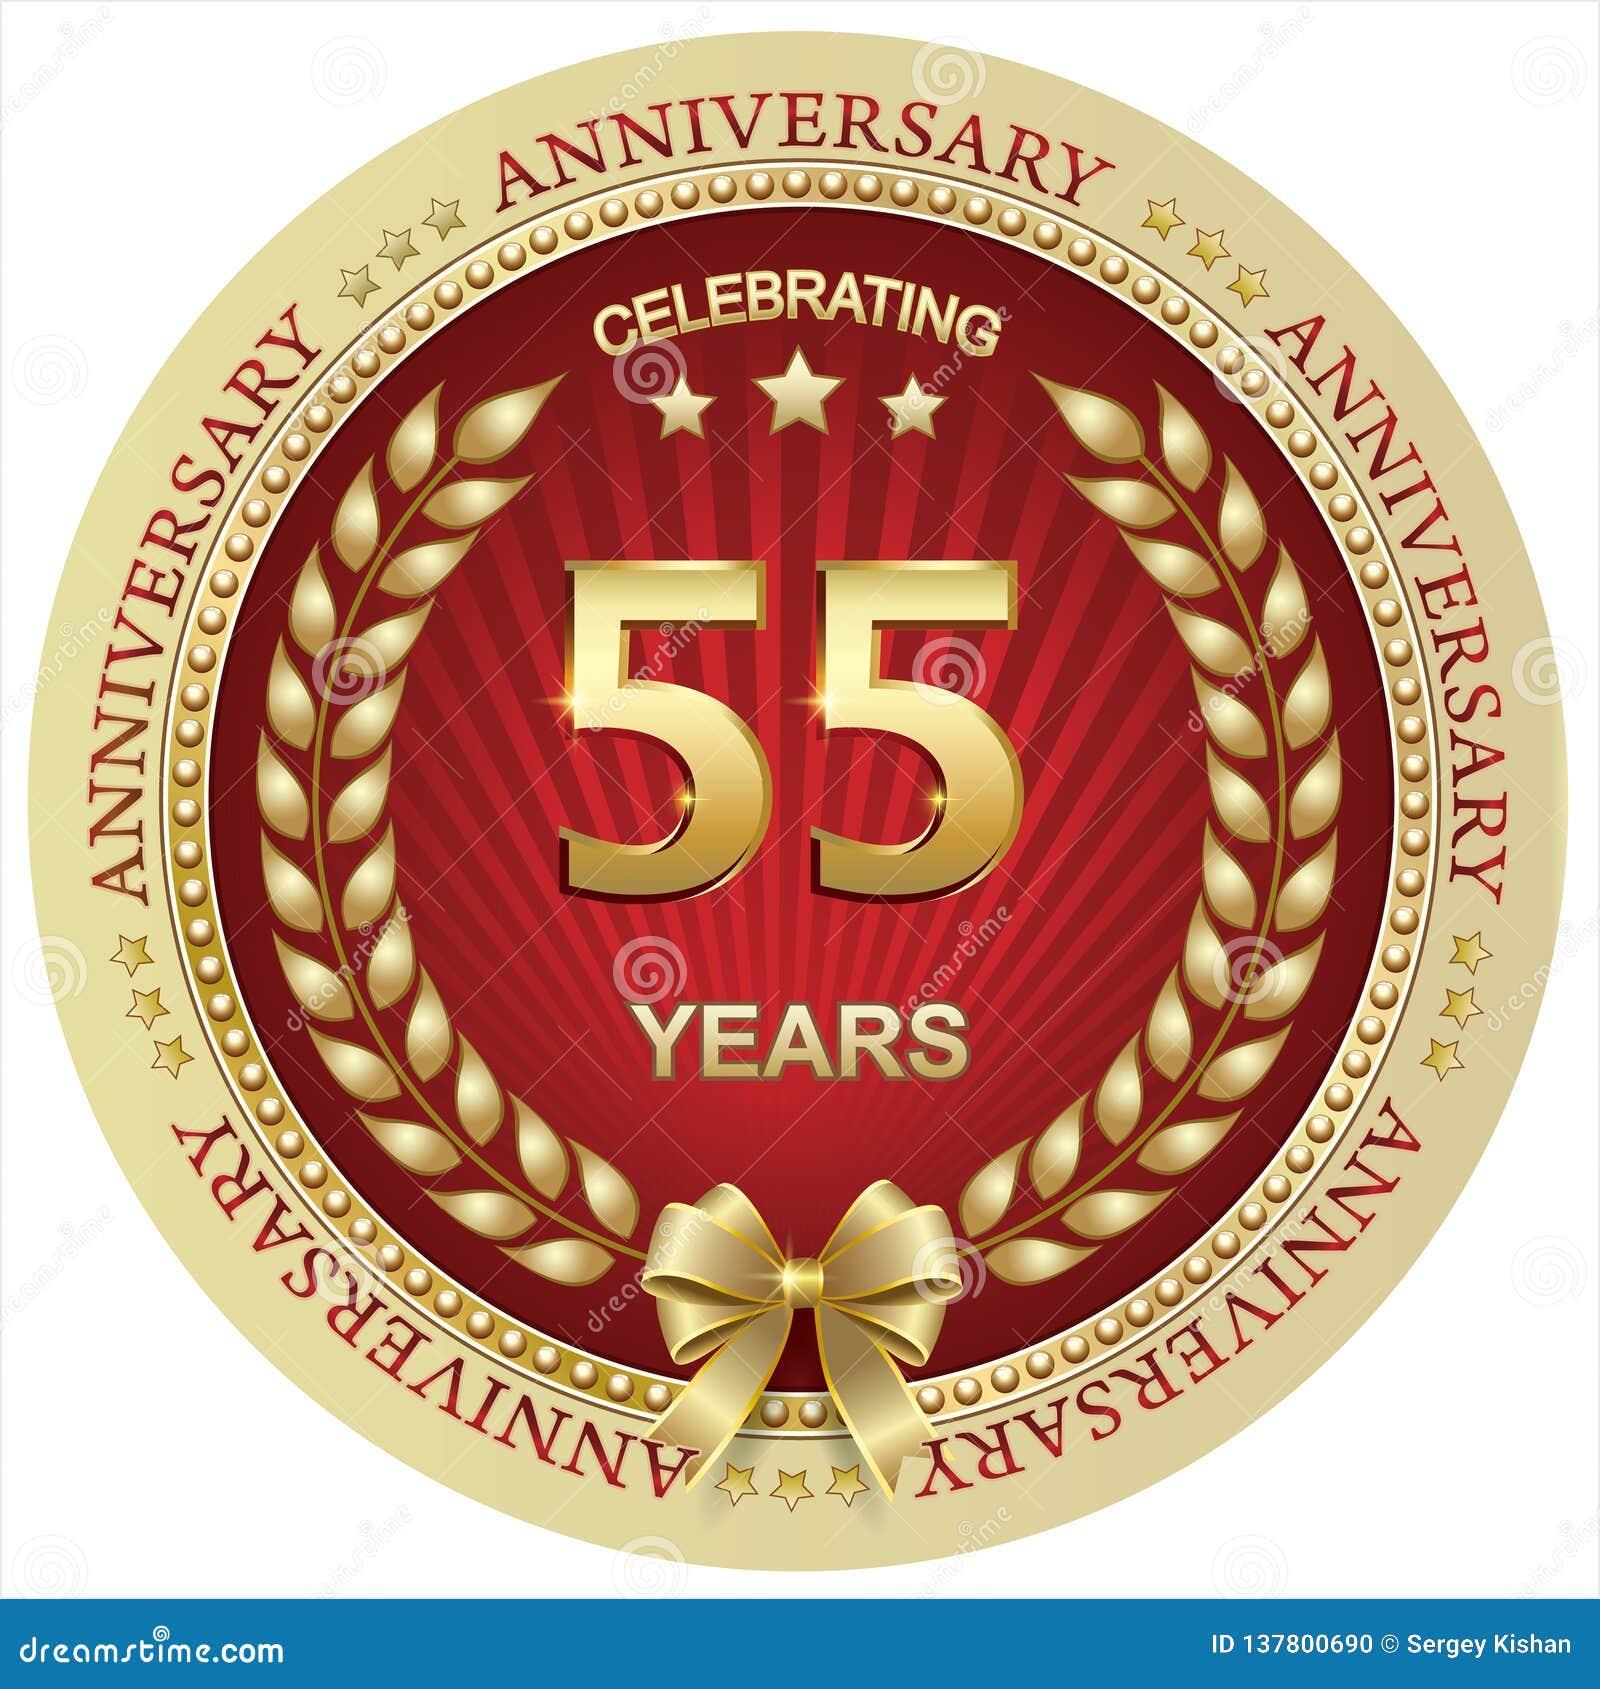 Auguri Buon Compleanno 55 Anni.Anniversario 55 Anni Compleanno Fondo Celebrazione